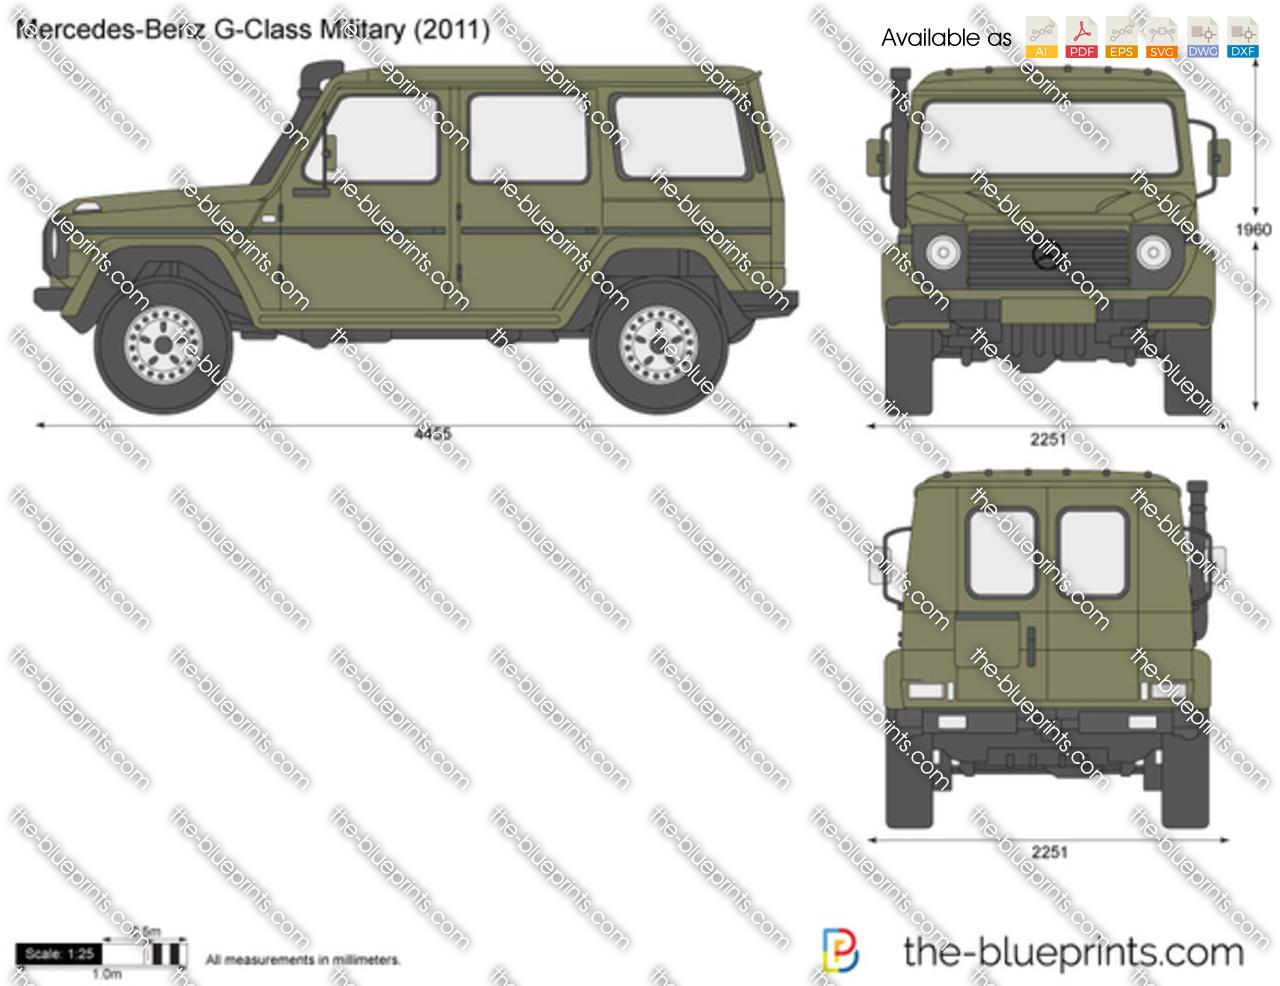 Mercedes-Benz G-Class Military 461 1998